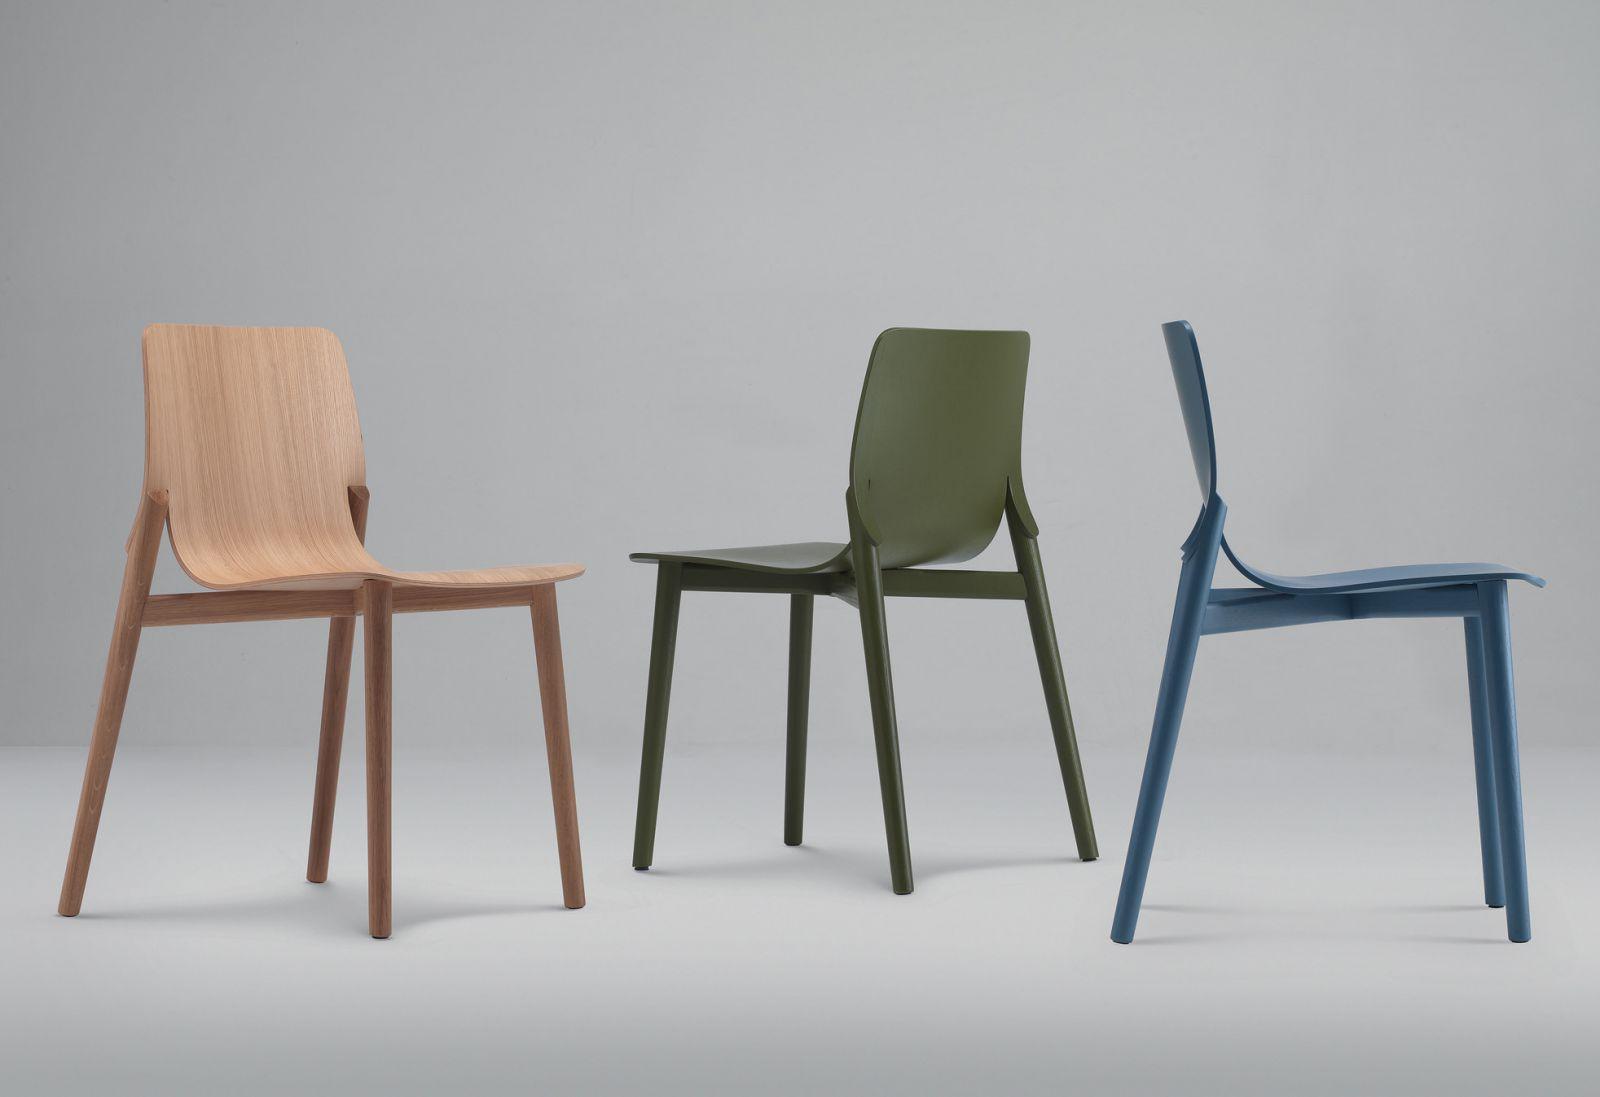 Design en bois de qualité supérieure cockaert